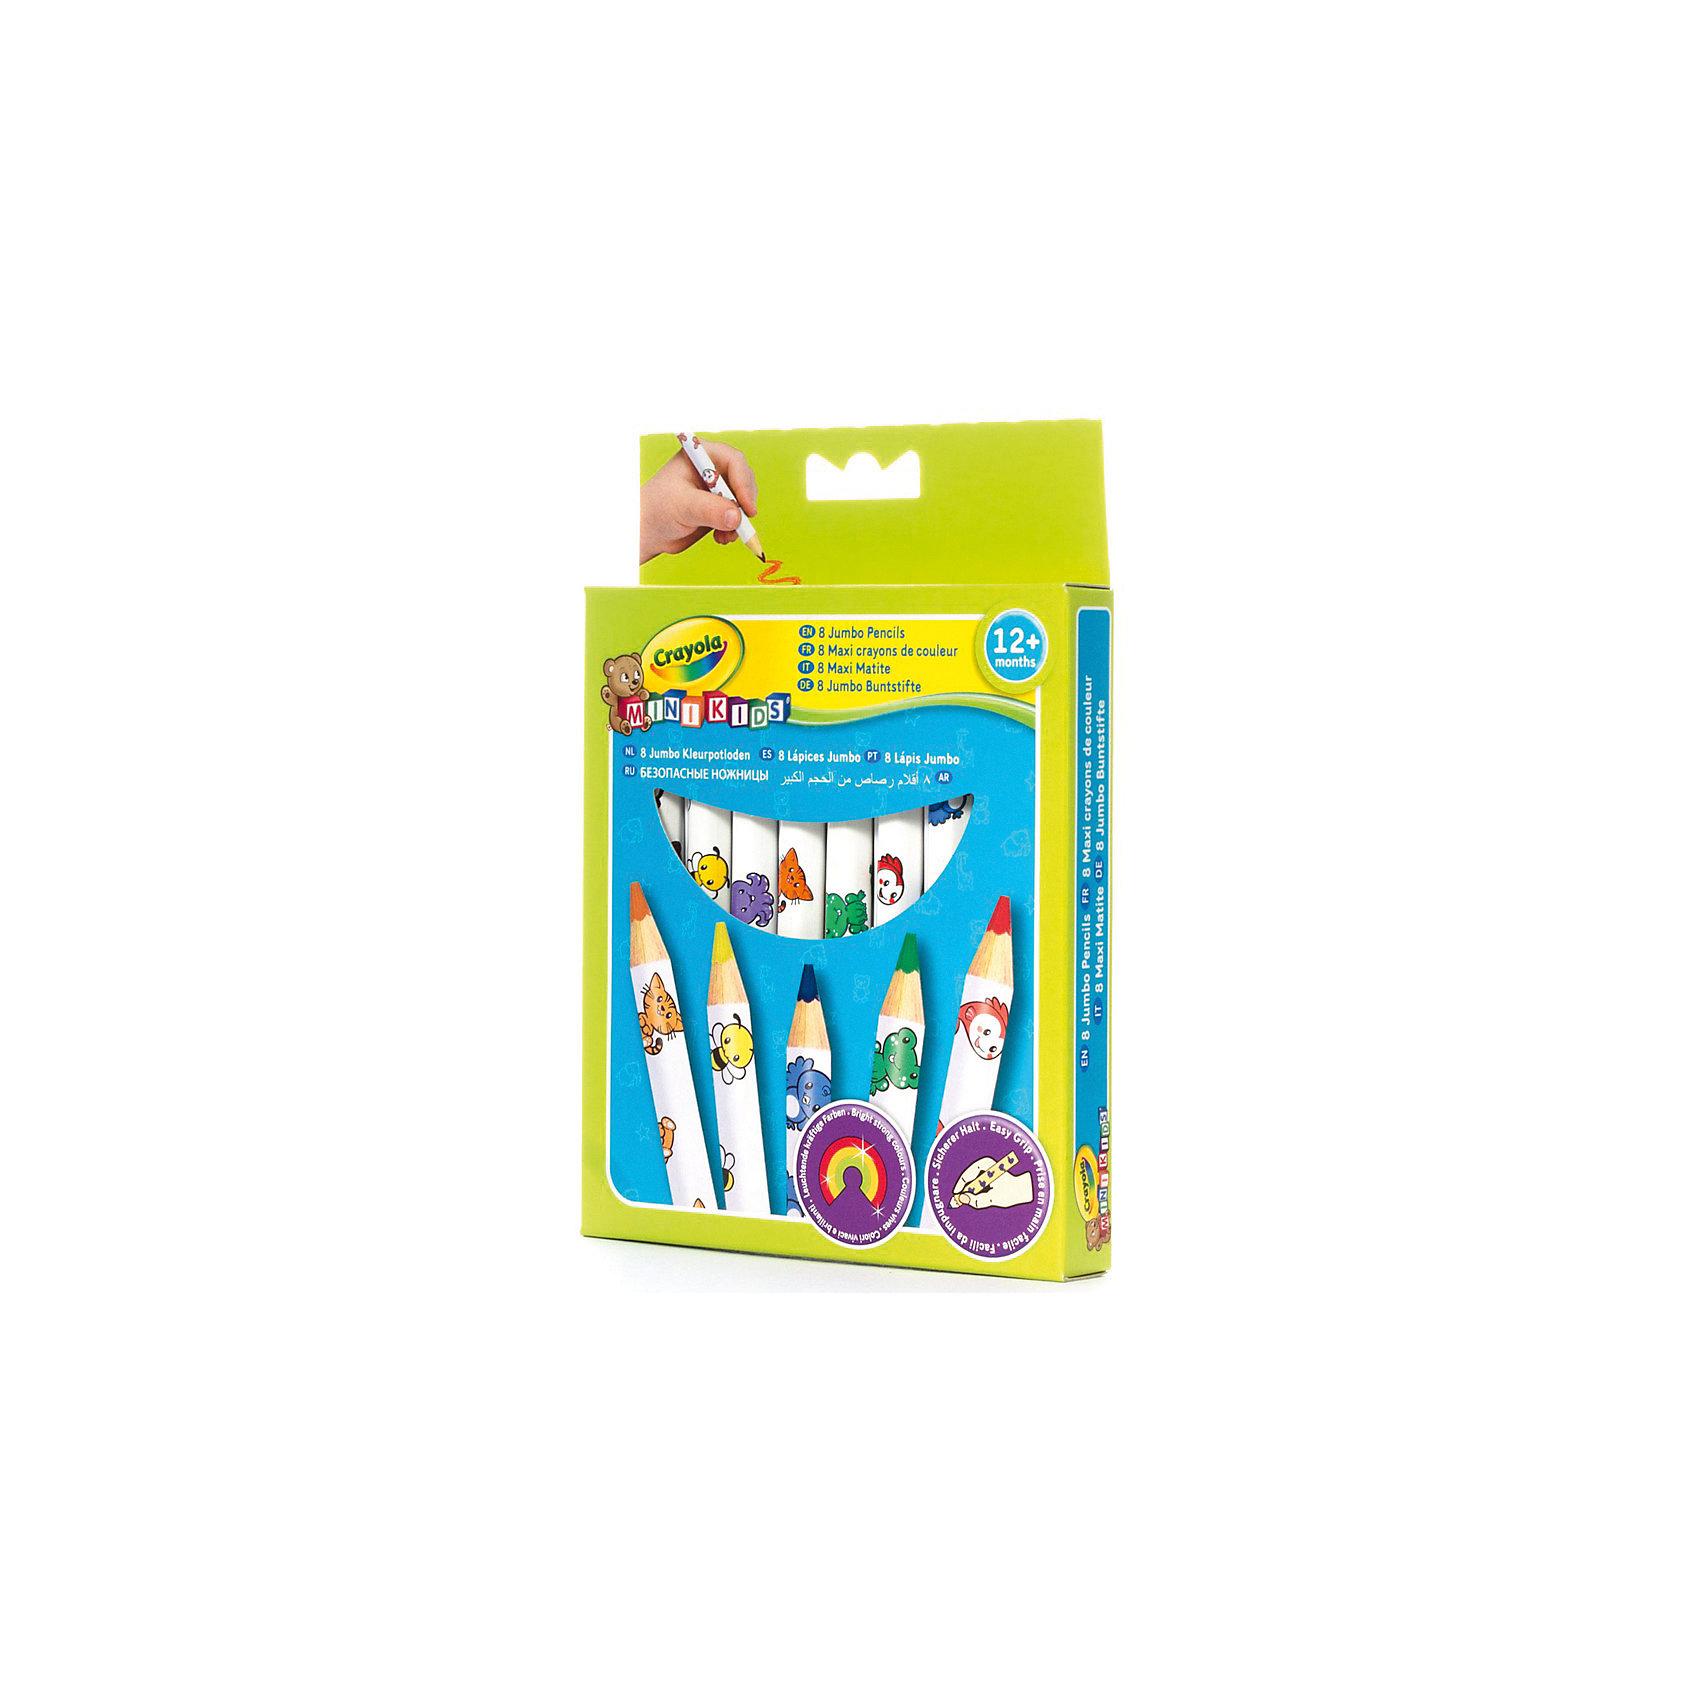 Набор толстых карандашей для малышей, 8 шт., CrayolaТворчество для малышей<br>Малышам сложно и не всегда интересно рисовать тонкими карандашами – это долго и неудобно, к тому же карандаш так и норовит выпасть из маленькой ручки. Этот набор разработан специально для самых юных художников – карандаши рисуют мягко, легко, и созданные ребенком шедевры долго не теряют цвет и яркость. Кроме того, этот набор безопасен для ребенка – за счет толщины малыш наверняка не проглотит карандаш и не засунет его себе случайно в нос или в ухо; к тому же все использованные в производстве красители не вызывают раздражений на коже.<br><br>Набор толстых карандашей для малышей, 8 шт., Crayola (Крайола) можно купить в нашем магазине.<br><br>Ширина мм: 176<br>Глубина мм: 129<br>Высота мм: 22<br>Вес г: 70<br>Возраст от месяцев: 12<br>Возраст до месяцев: 36<br>Пол: Унисекс<br>Возраст: Детский<br>SKU: 2127053